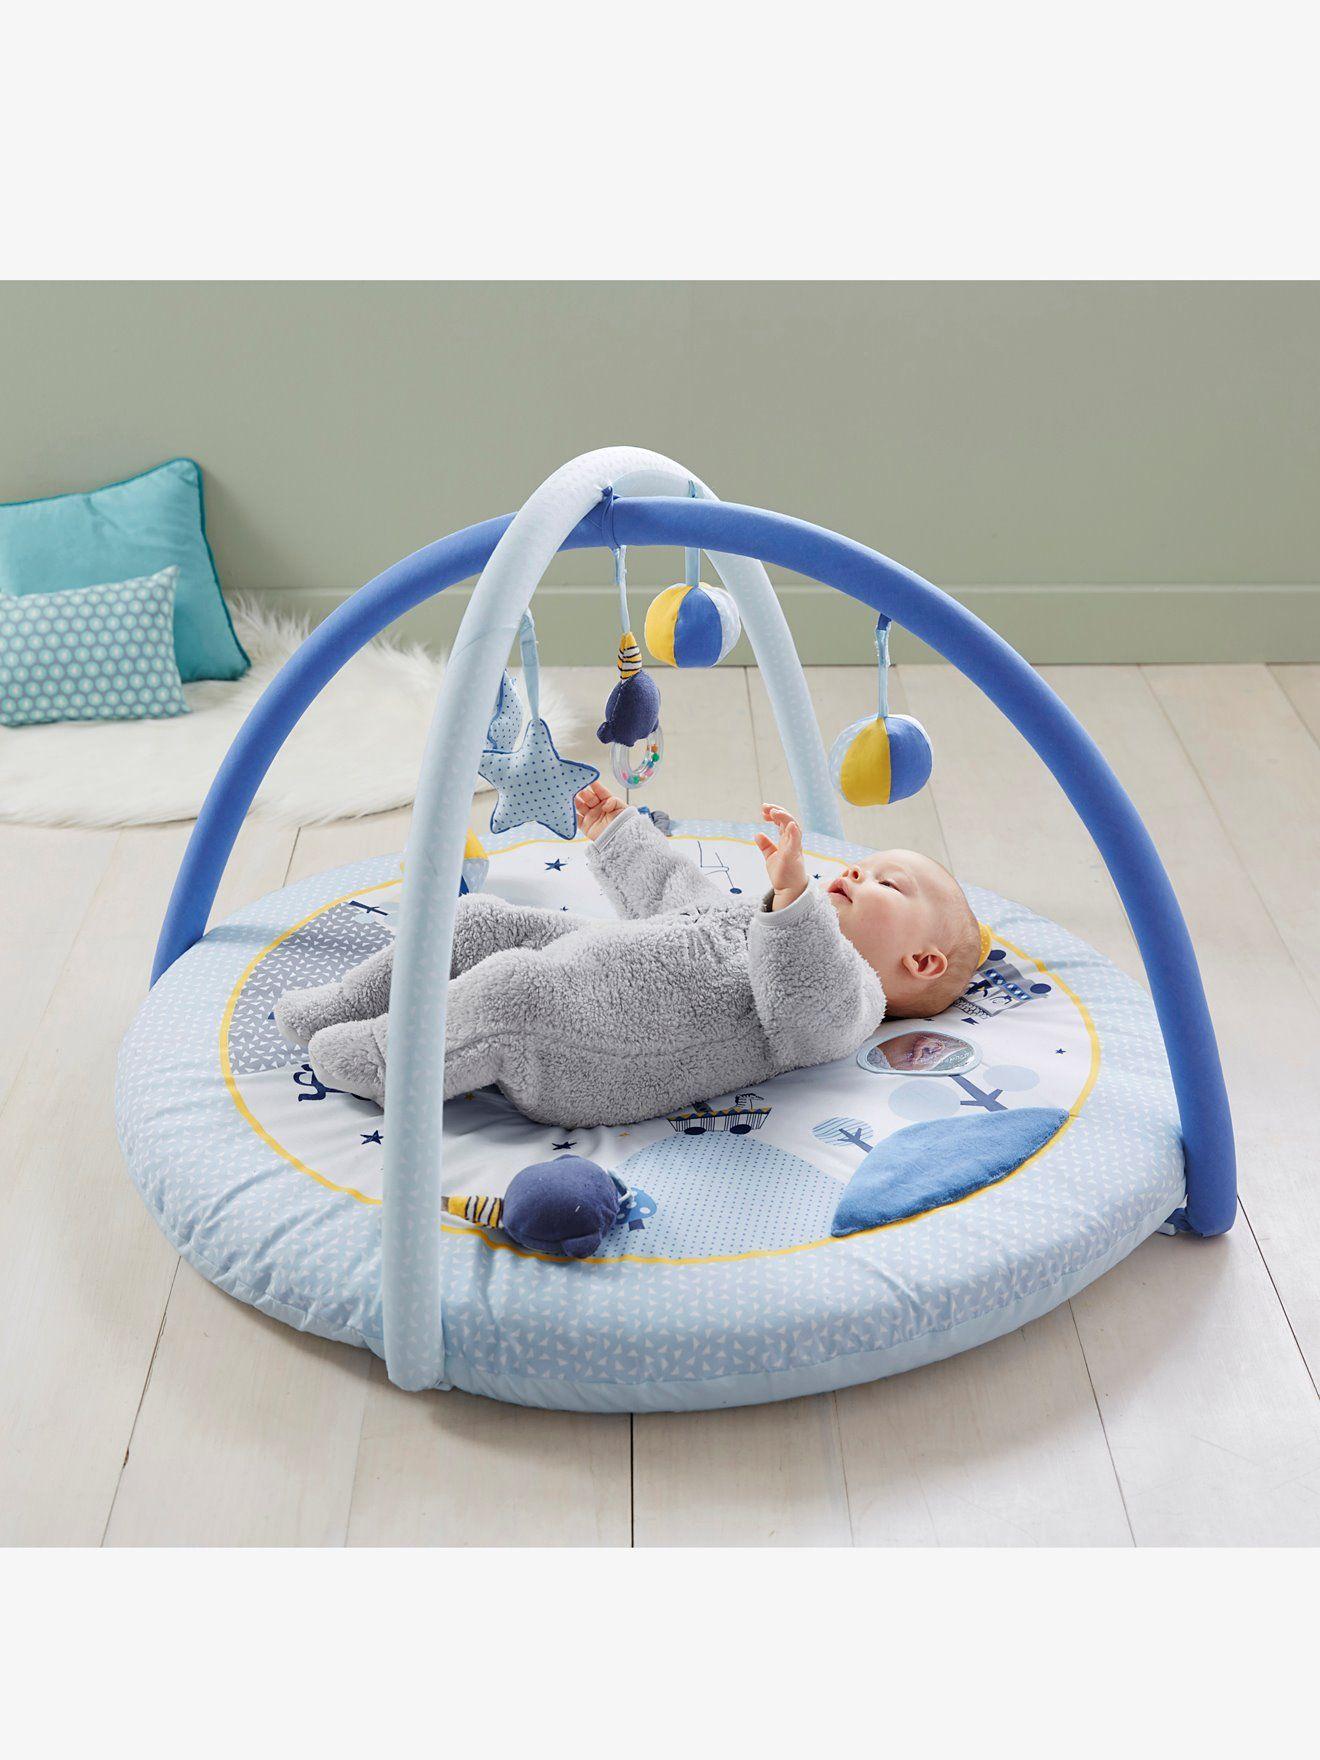 1e1b6d6a4eff7 Tapis d éveil Circus bleu - Grâce à ce tapis d éveil rigolo et